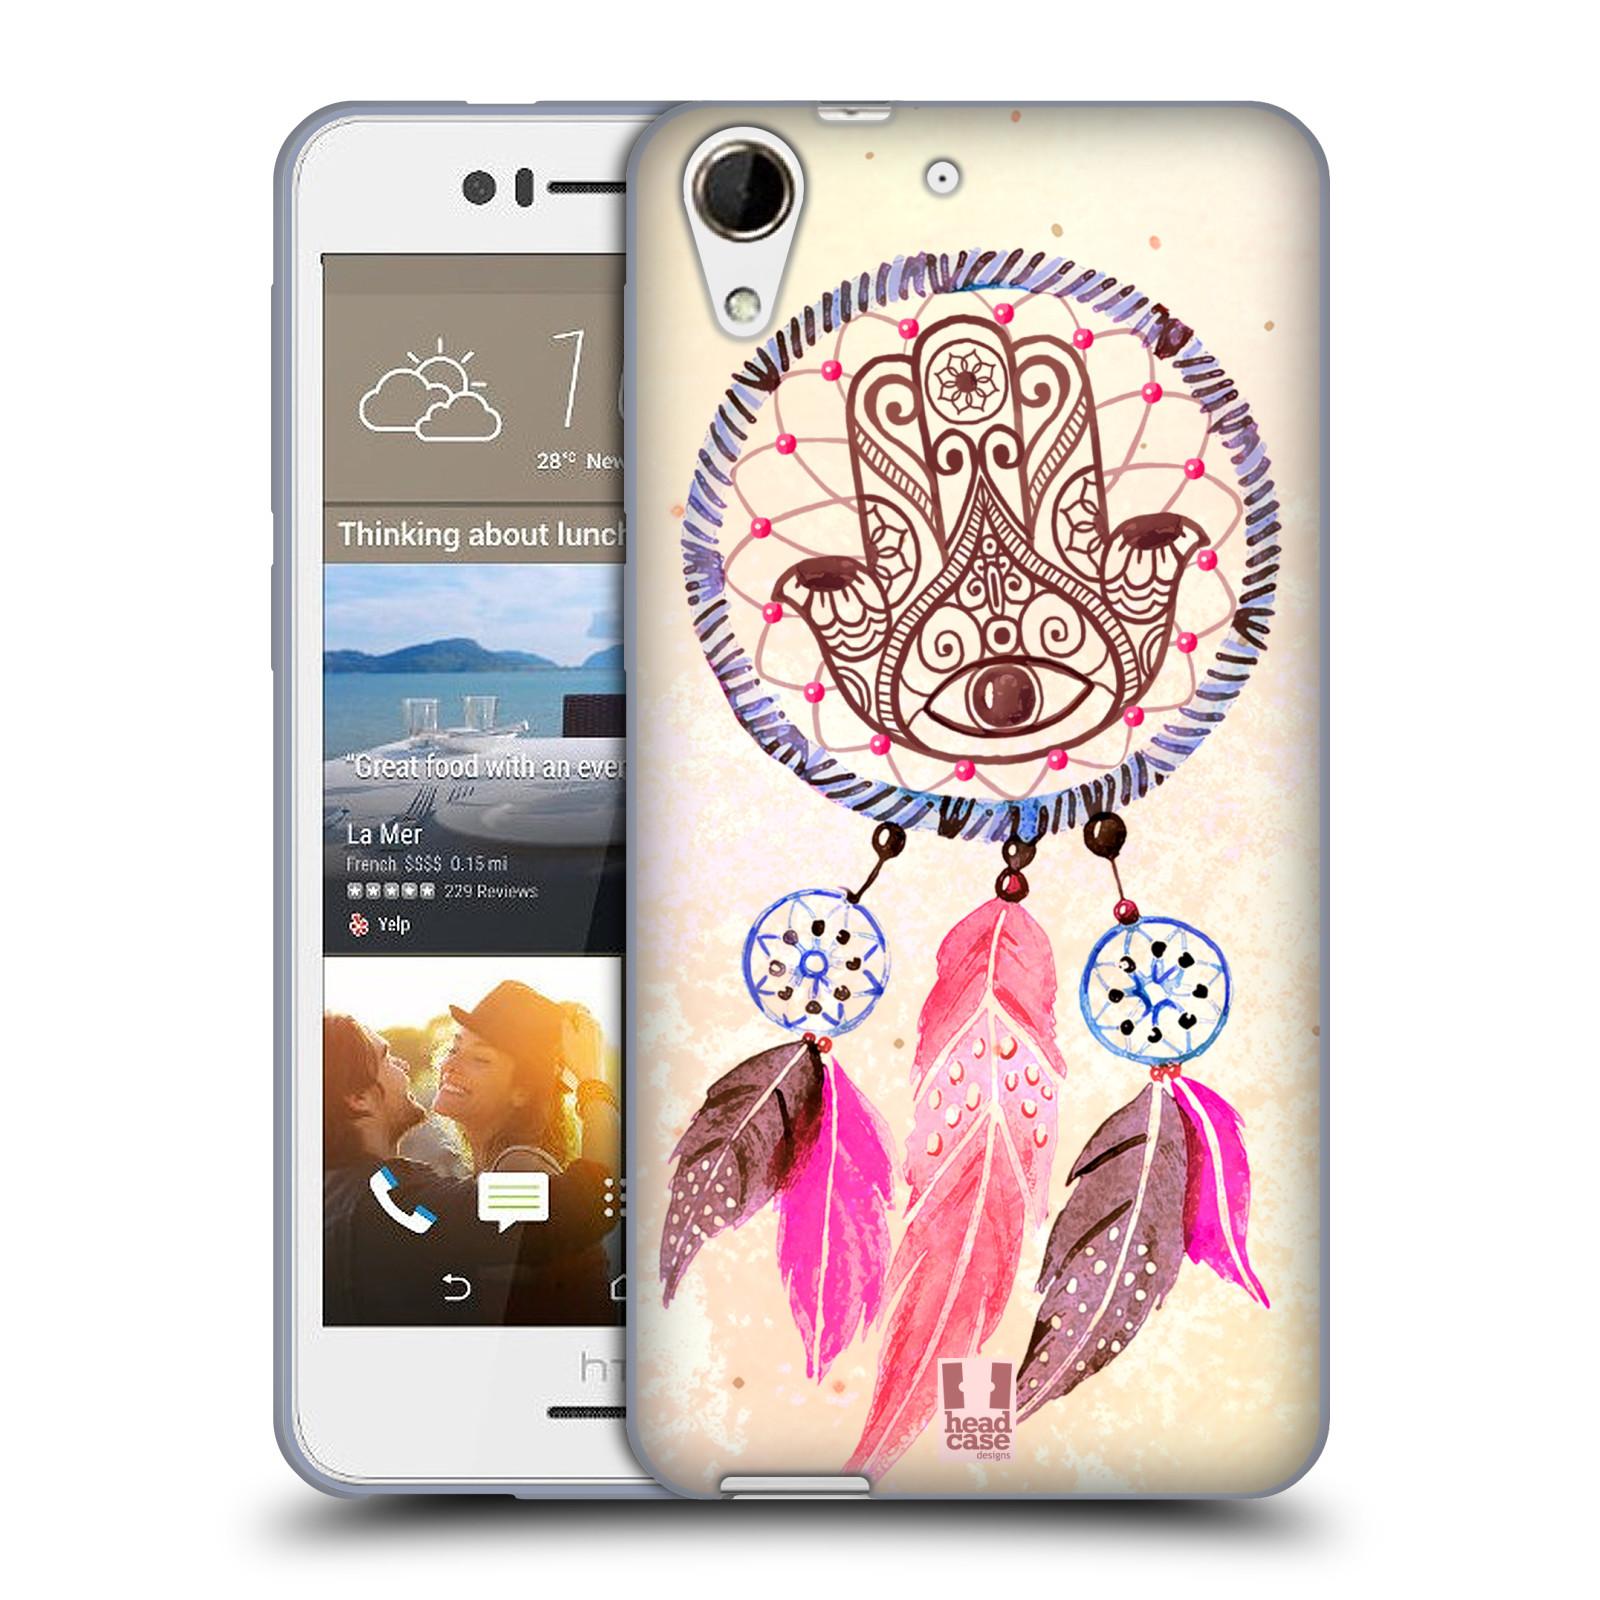 Silikonové pouzdro na mobil HTC Desire 728G Dual SIM HEAD CASE Lapač Assorted Hamsa (Silikonový kryt či obal na mobilní telefon HTC Desire 728 G Dual SIM)